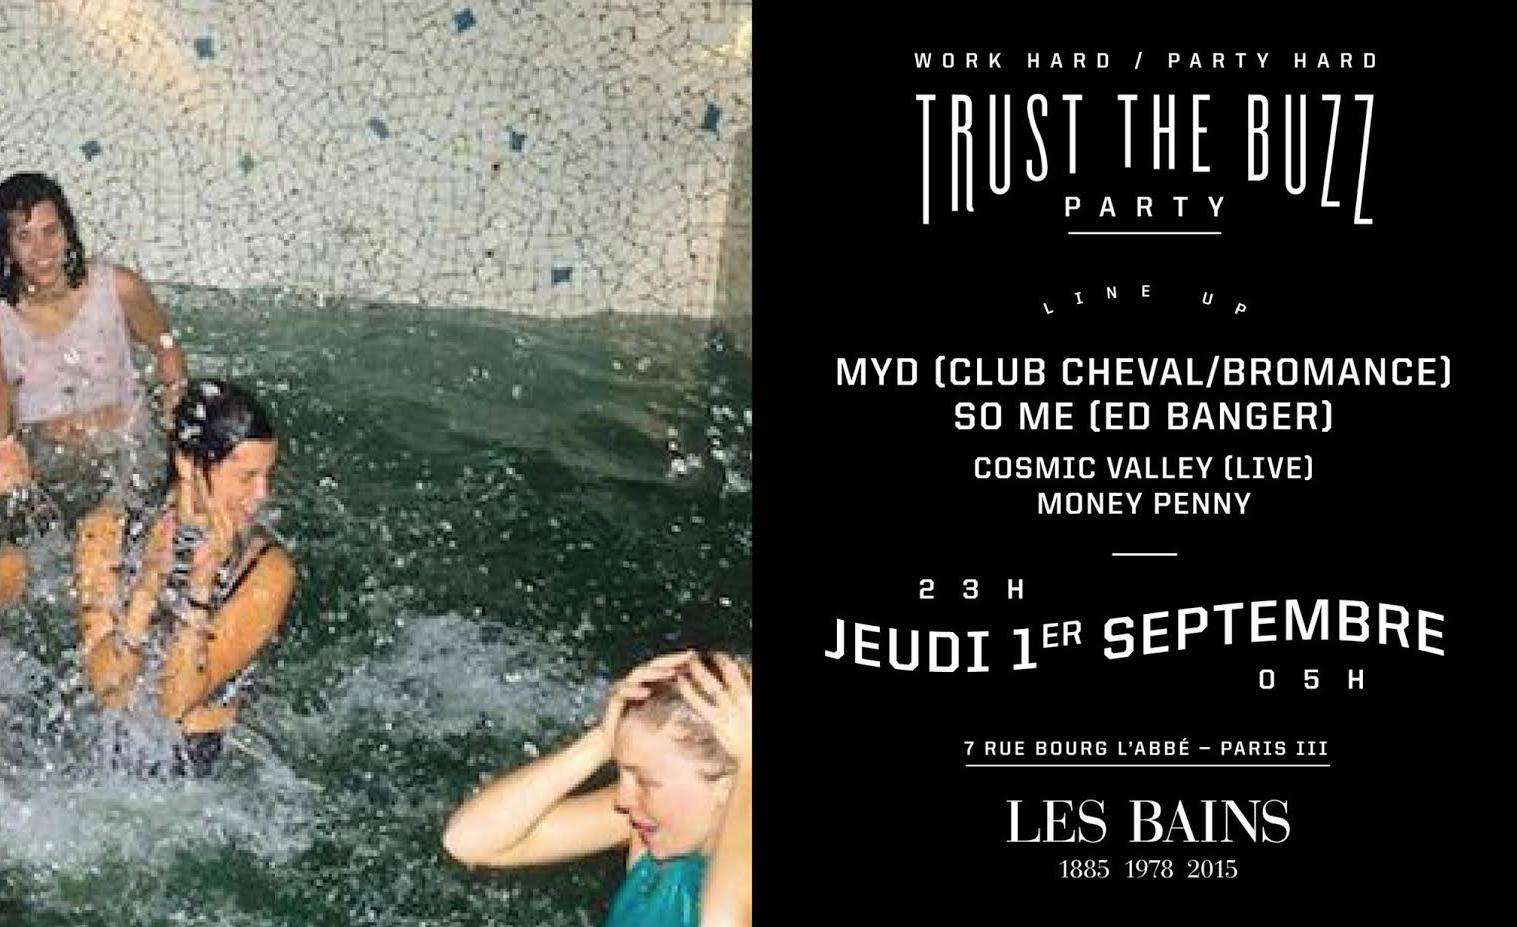 Gagnez des places pour la soirée Trust The Buzz aux Bains ce jeudi !